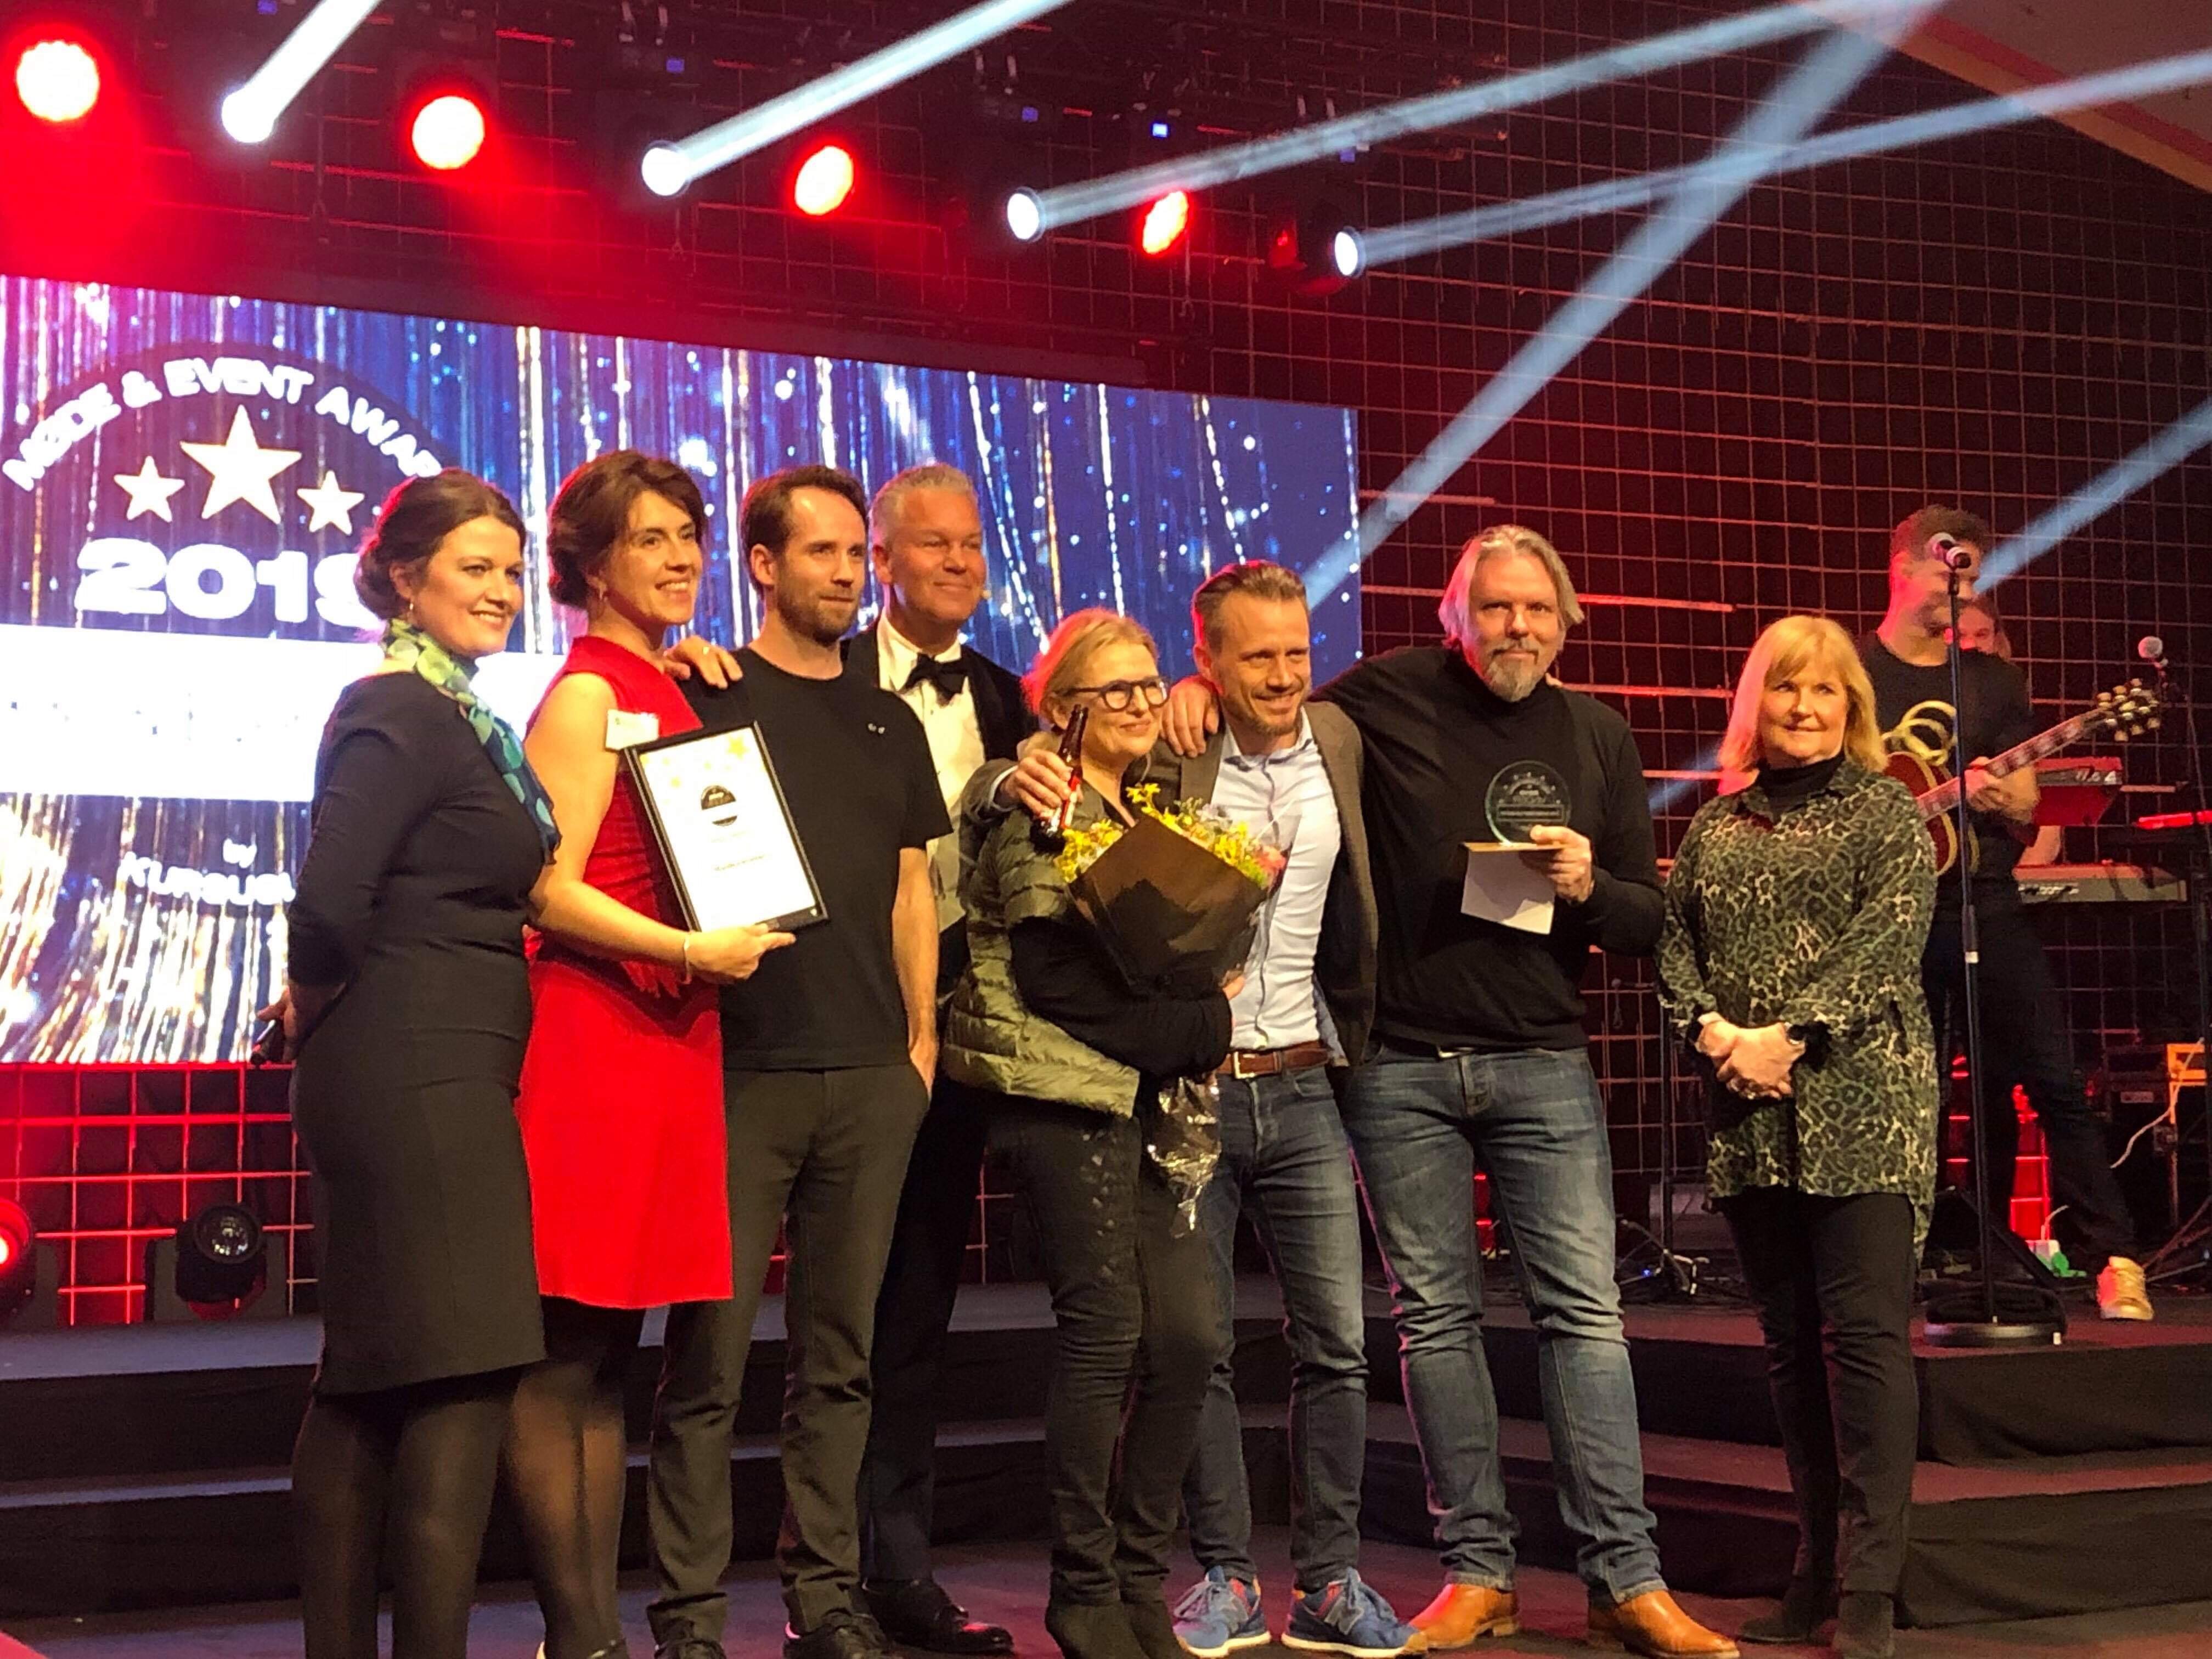 Kolleger fra Madkastellet fejrer at de vandt en af de otte priser ved uddelingen af årets danske Møde & Event Awards. Foto: Madkastellet.